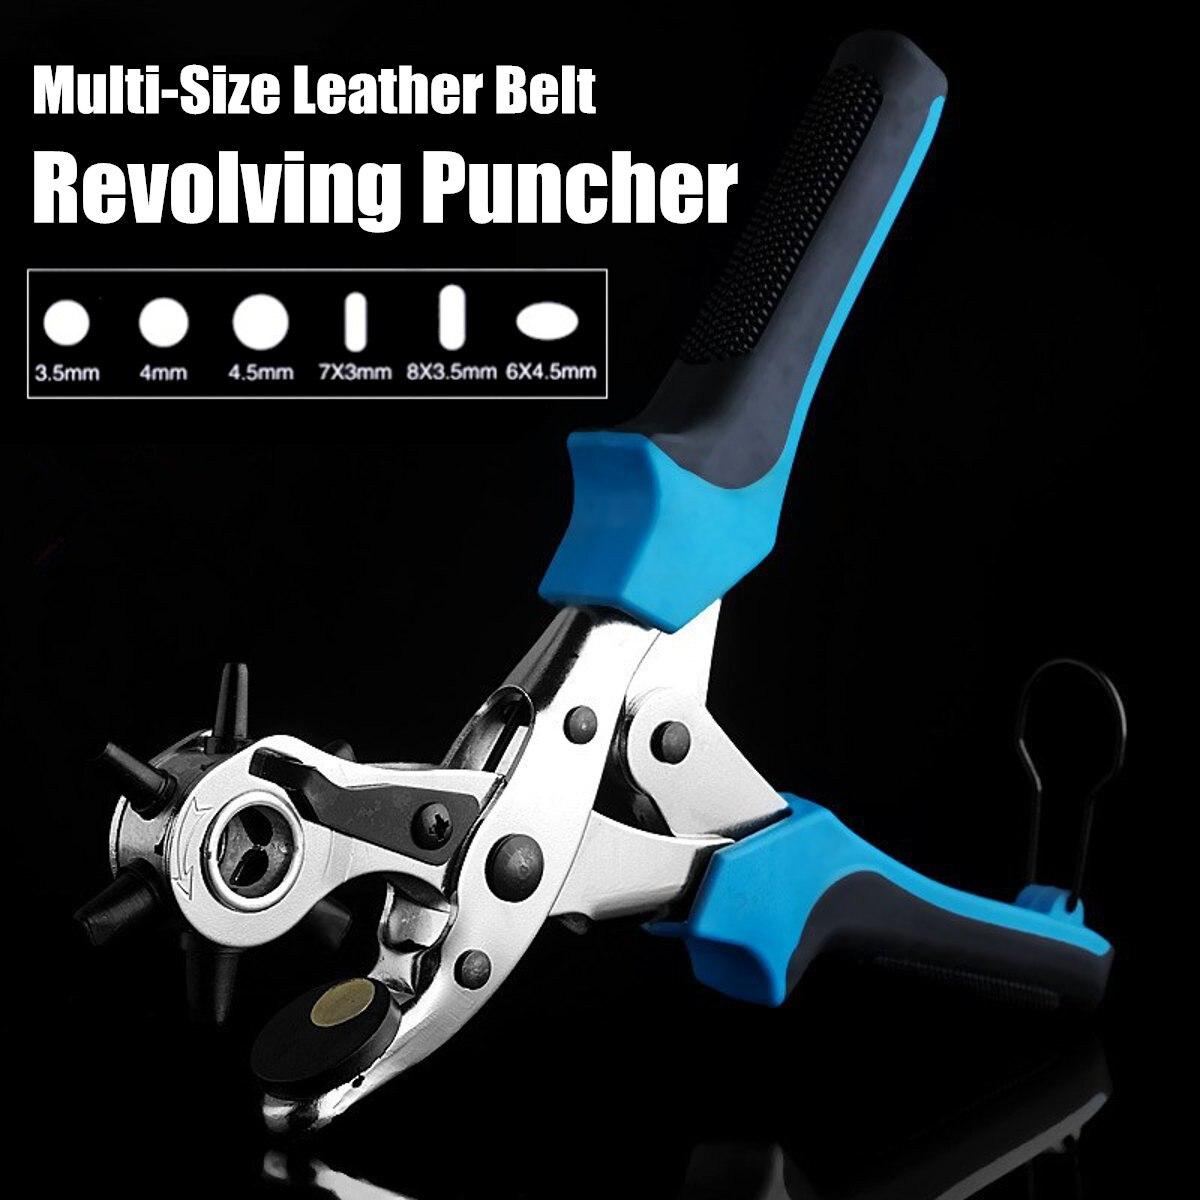 cinto de couro giratoria furador ilhos buraco mao alicate artesanato ferramentas cinta maquina de costura perfurador